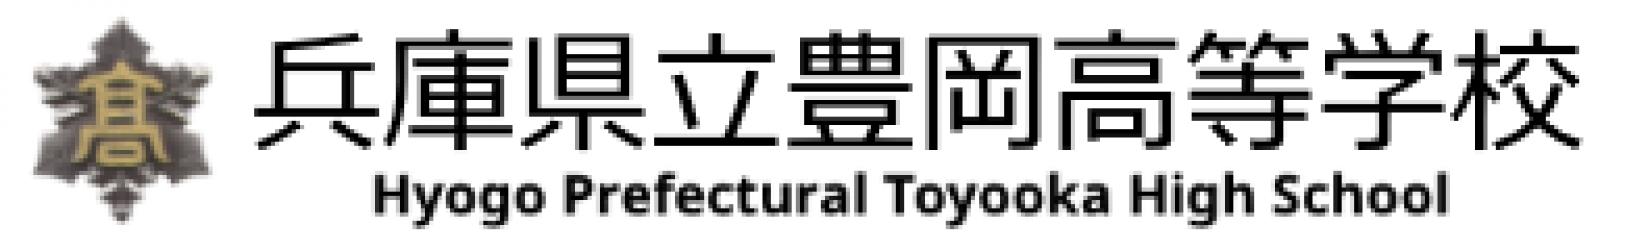 豊岡高校公式ブログ